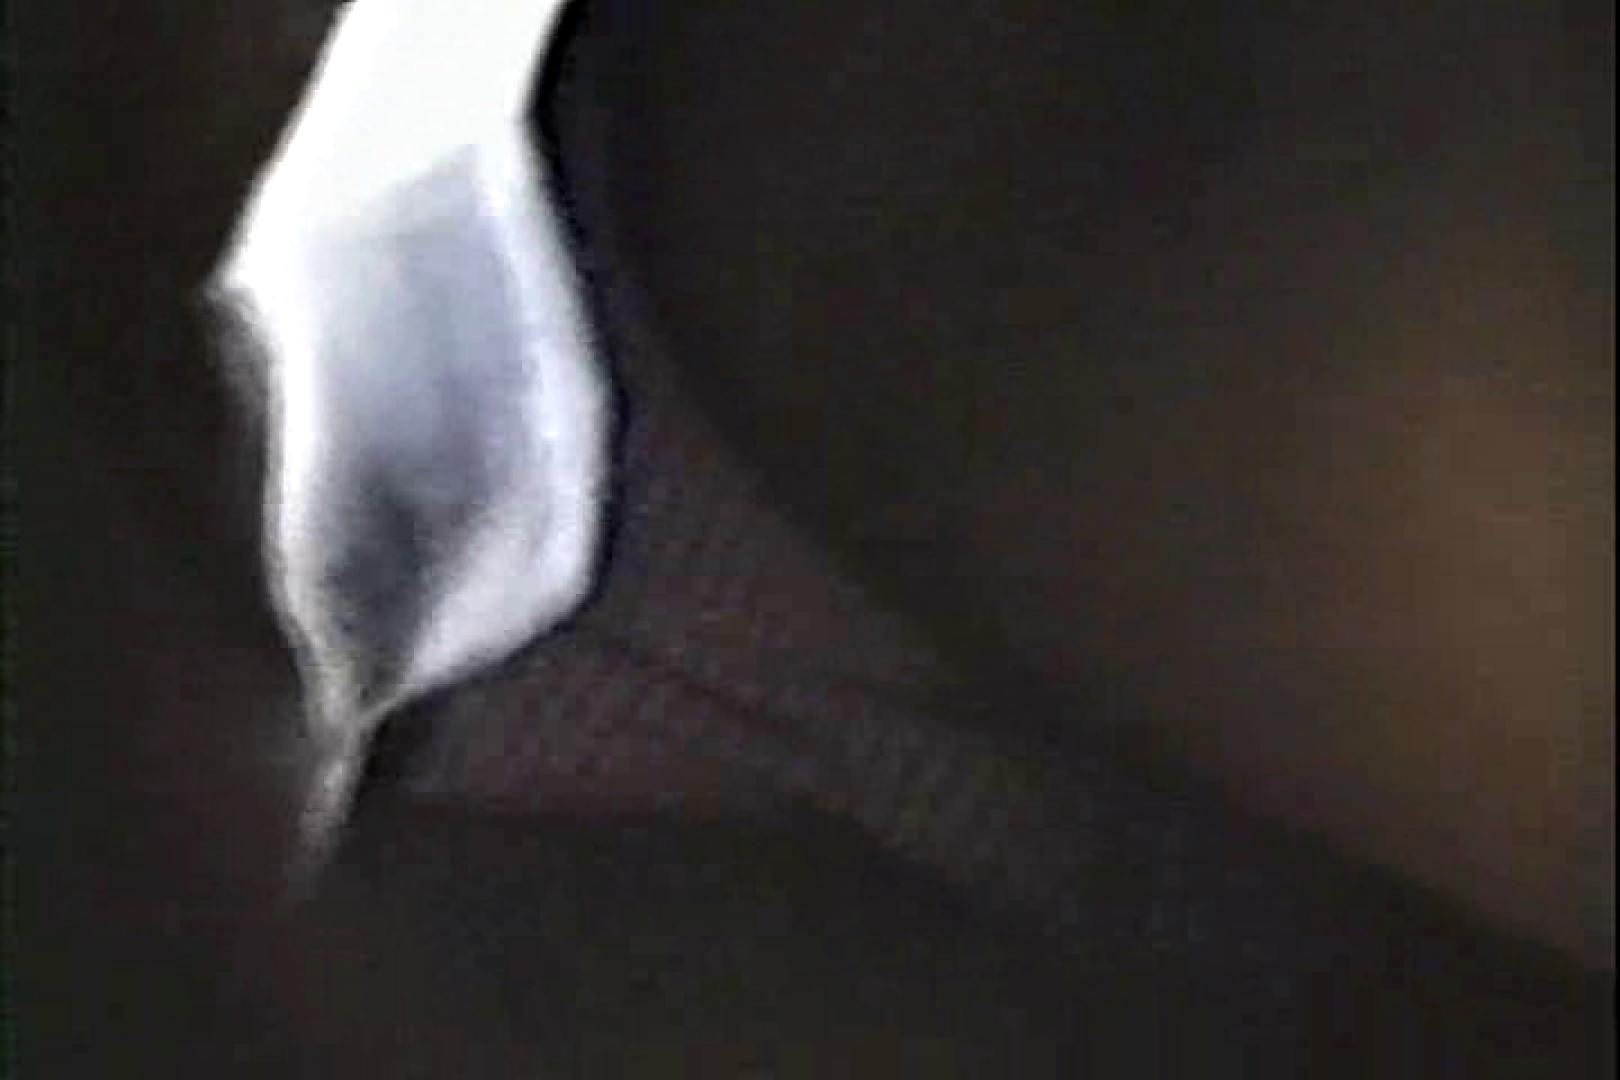 「ちくりん」さんのオリジナル未編集パンチラVol.6_01 パンチラのぞき | エロティックなOL  73画像 25